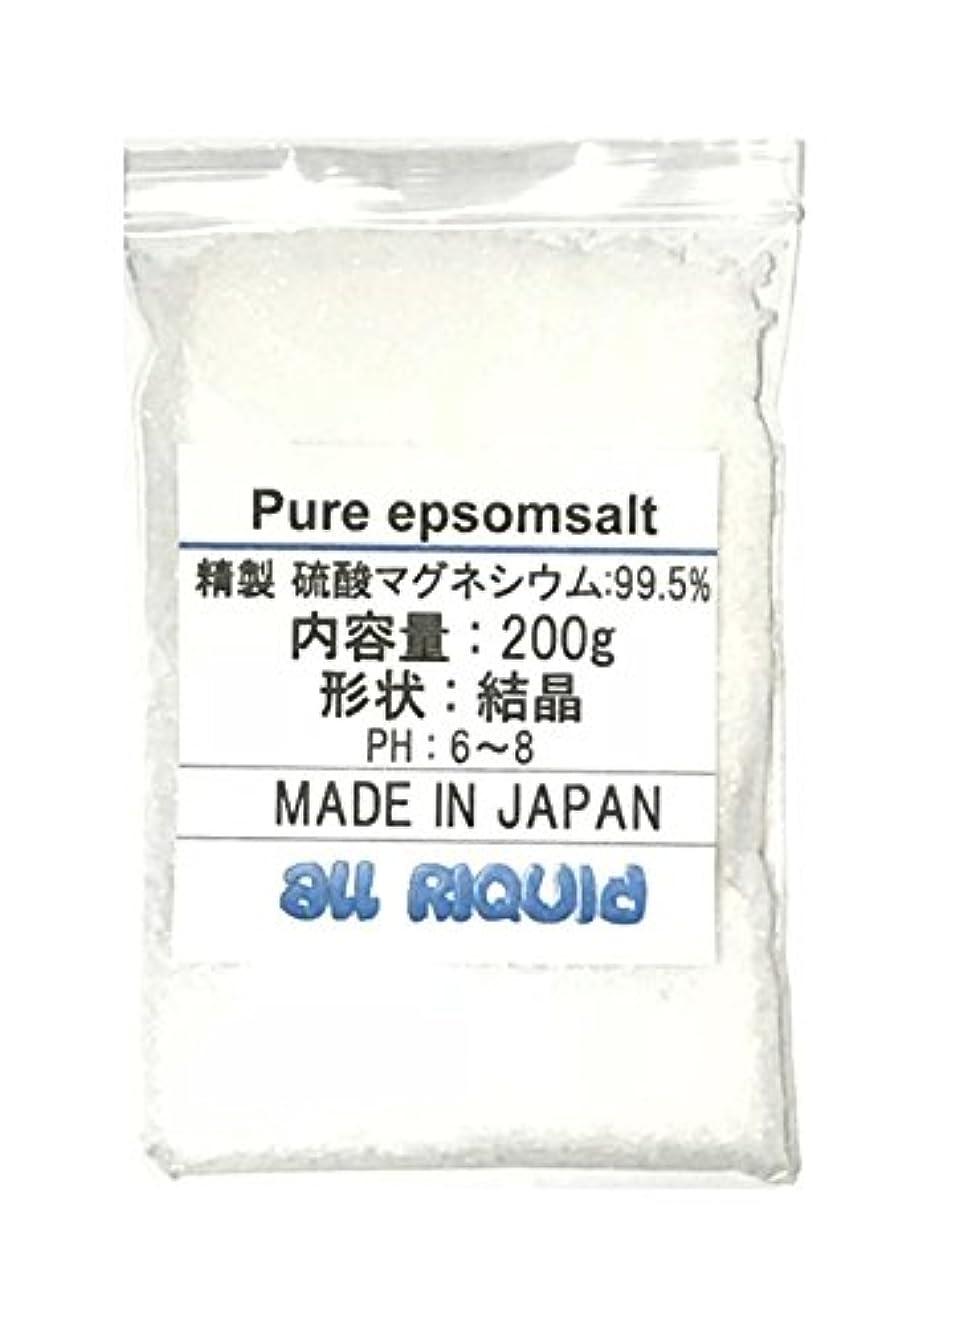 純 エプソム 無香料 200g x2 (硫酸マグネシウム) 2回分 99.5% 国産品 オールリキッド